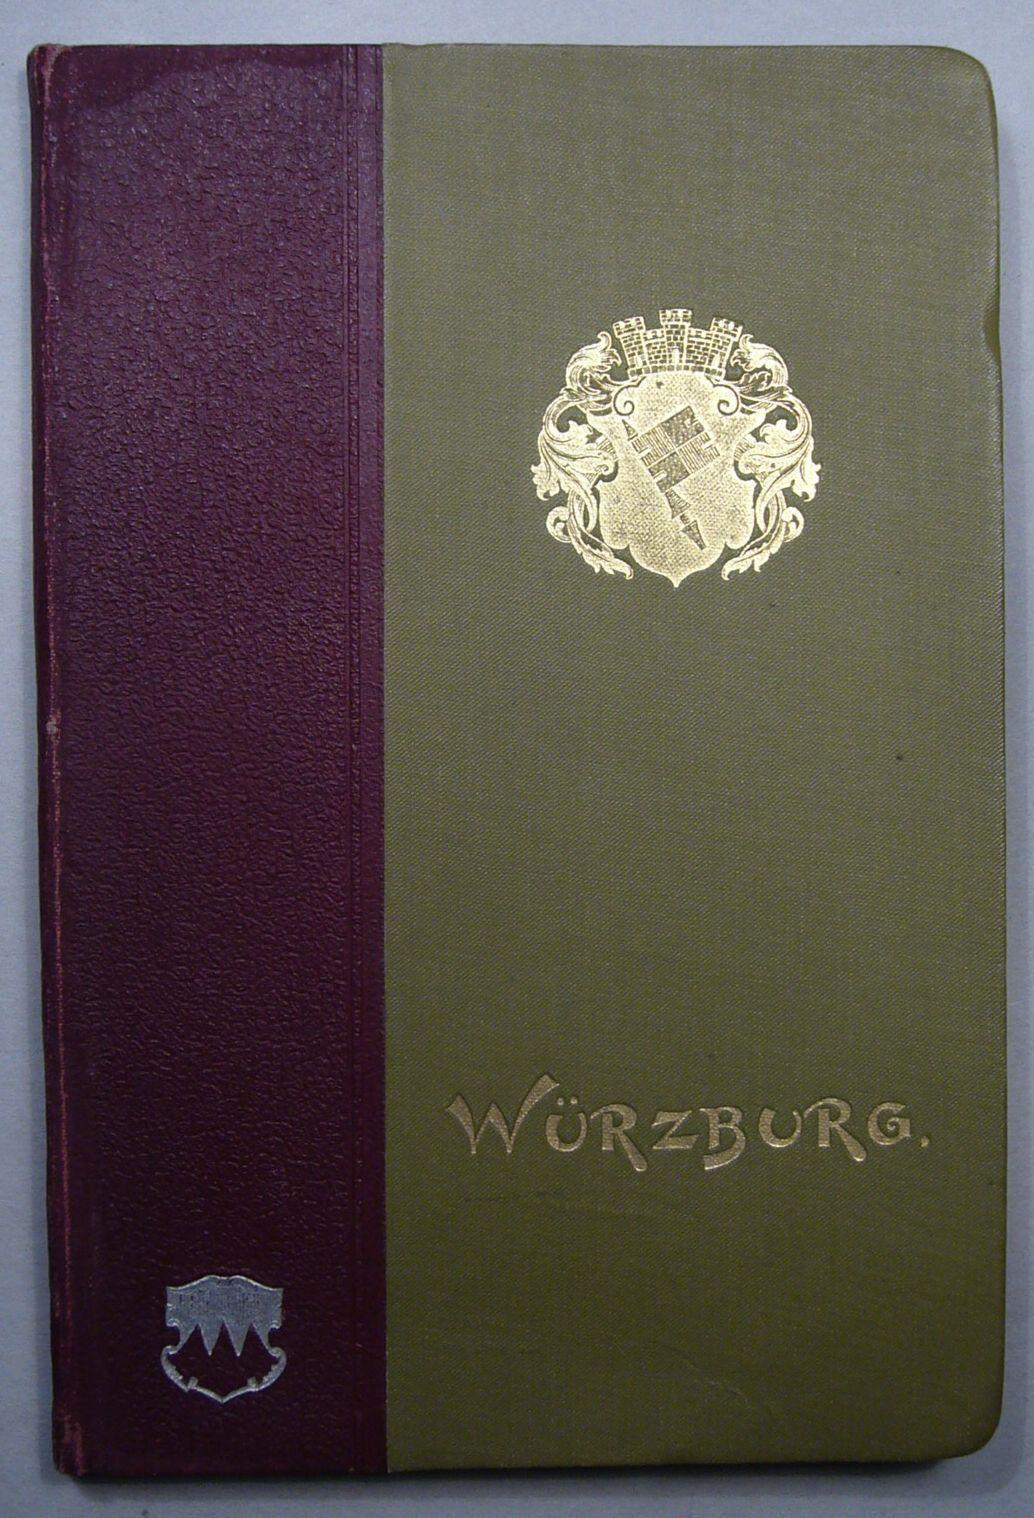 GÖBL: WÜRZBURG, Ein kulturhistorisches Städtebild EA 1895, 80 Abbildungen